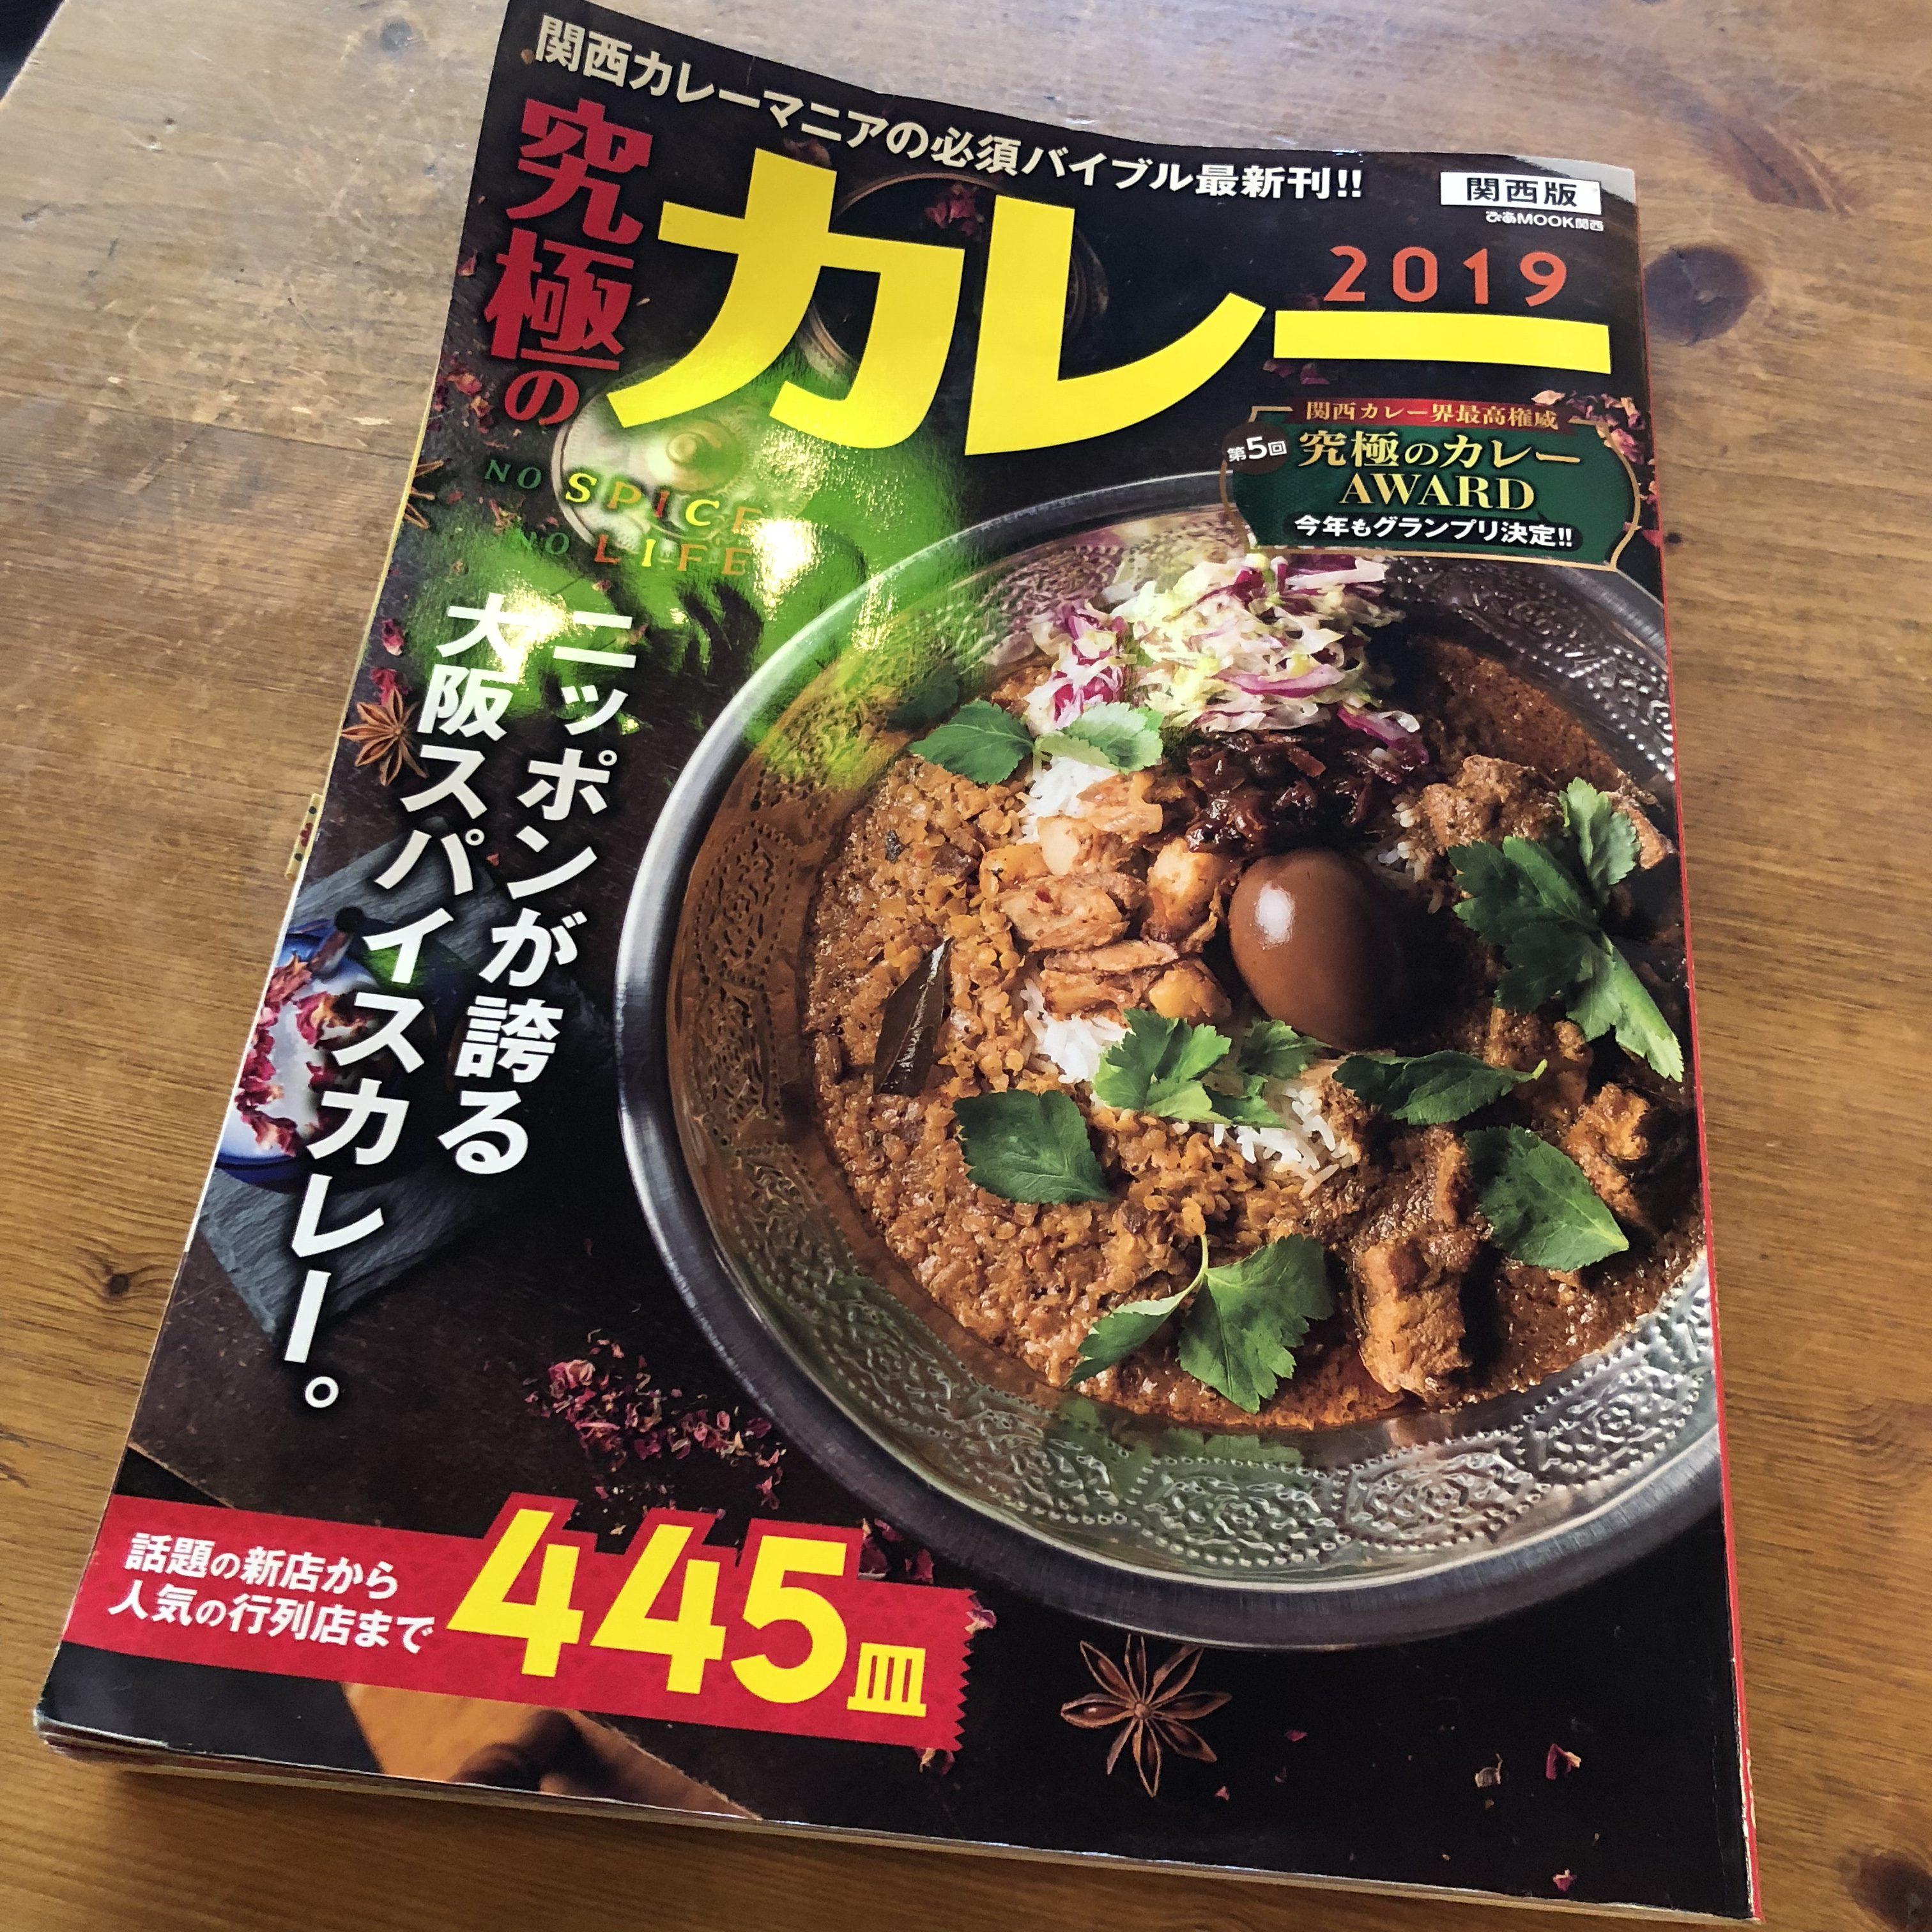 美容室でカレー本を渡されたら・・・【大阪京橋の着付け教室きものたまより】